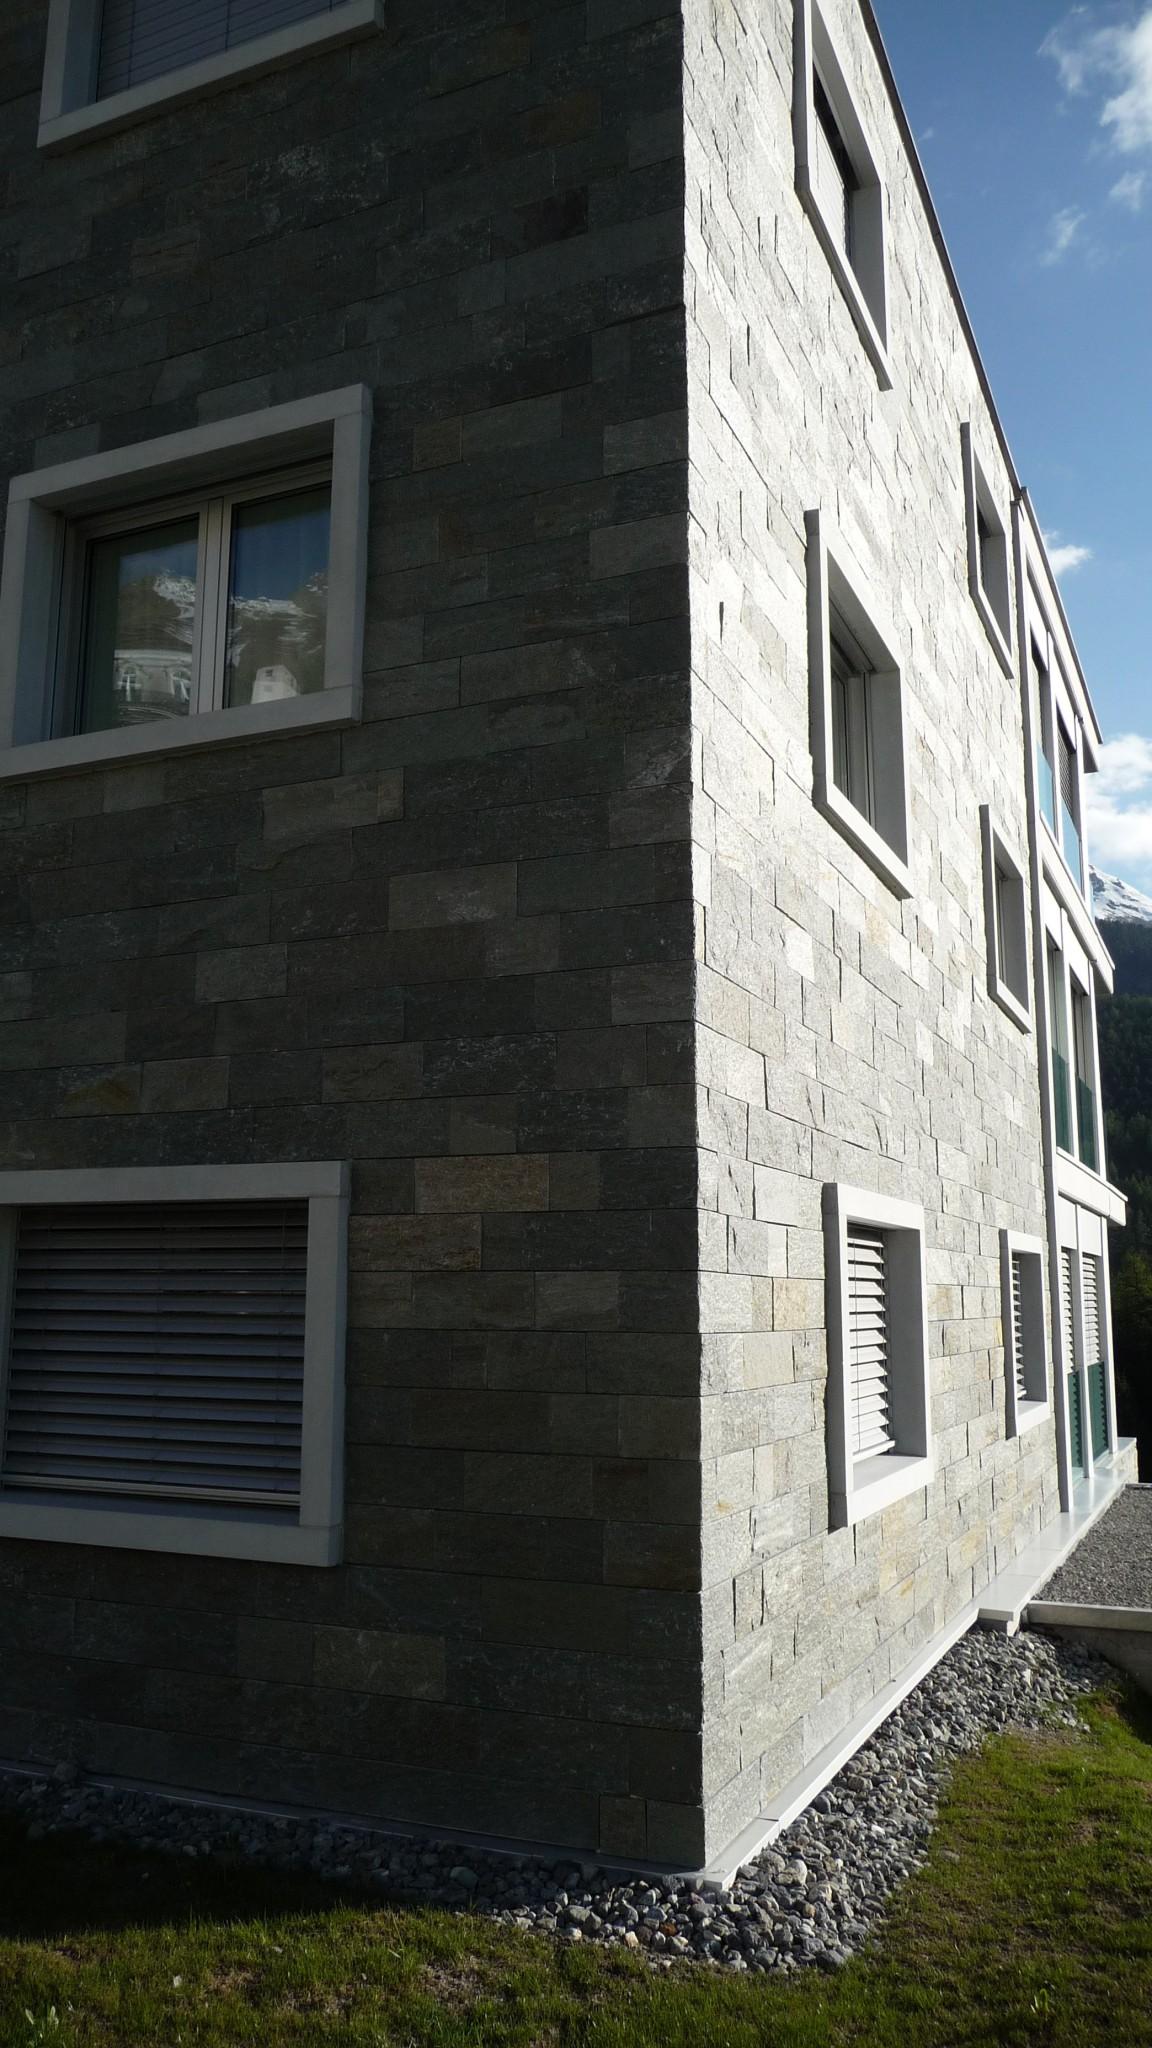 Dal taglio marmo alla realizzazione edificio in marmo della Valmaleco